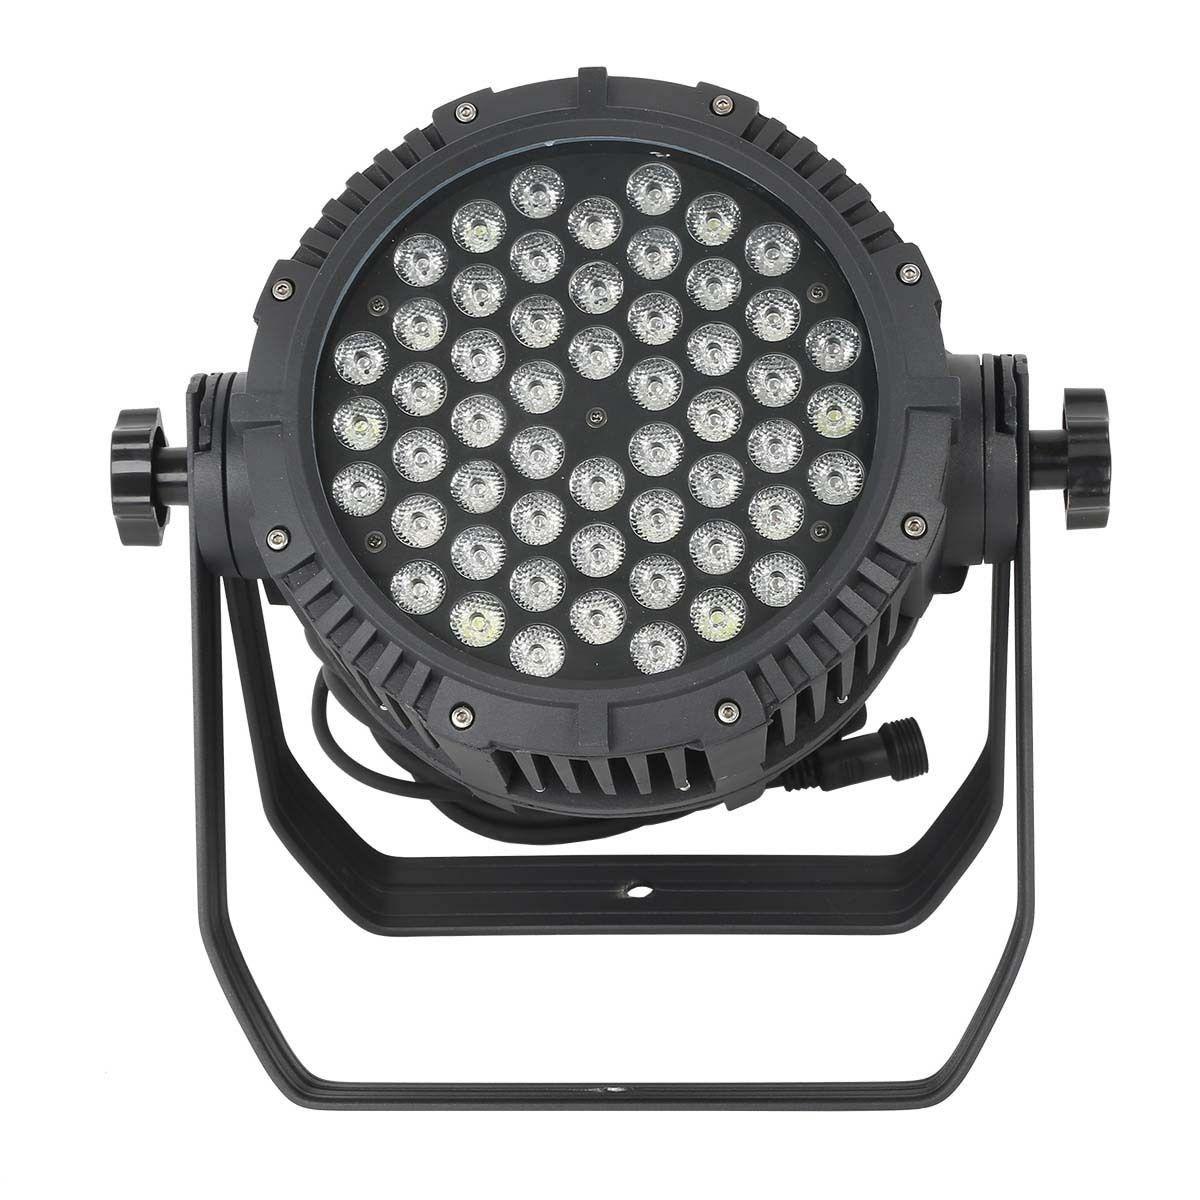 543w par64 rgbw led par can fountain waterproof light bar light stand DMX512